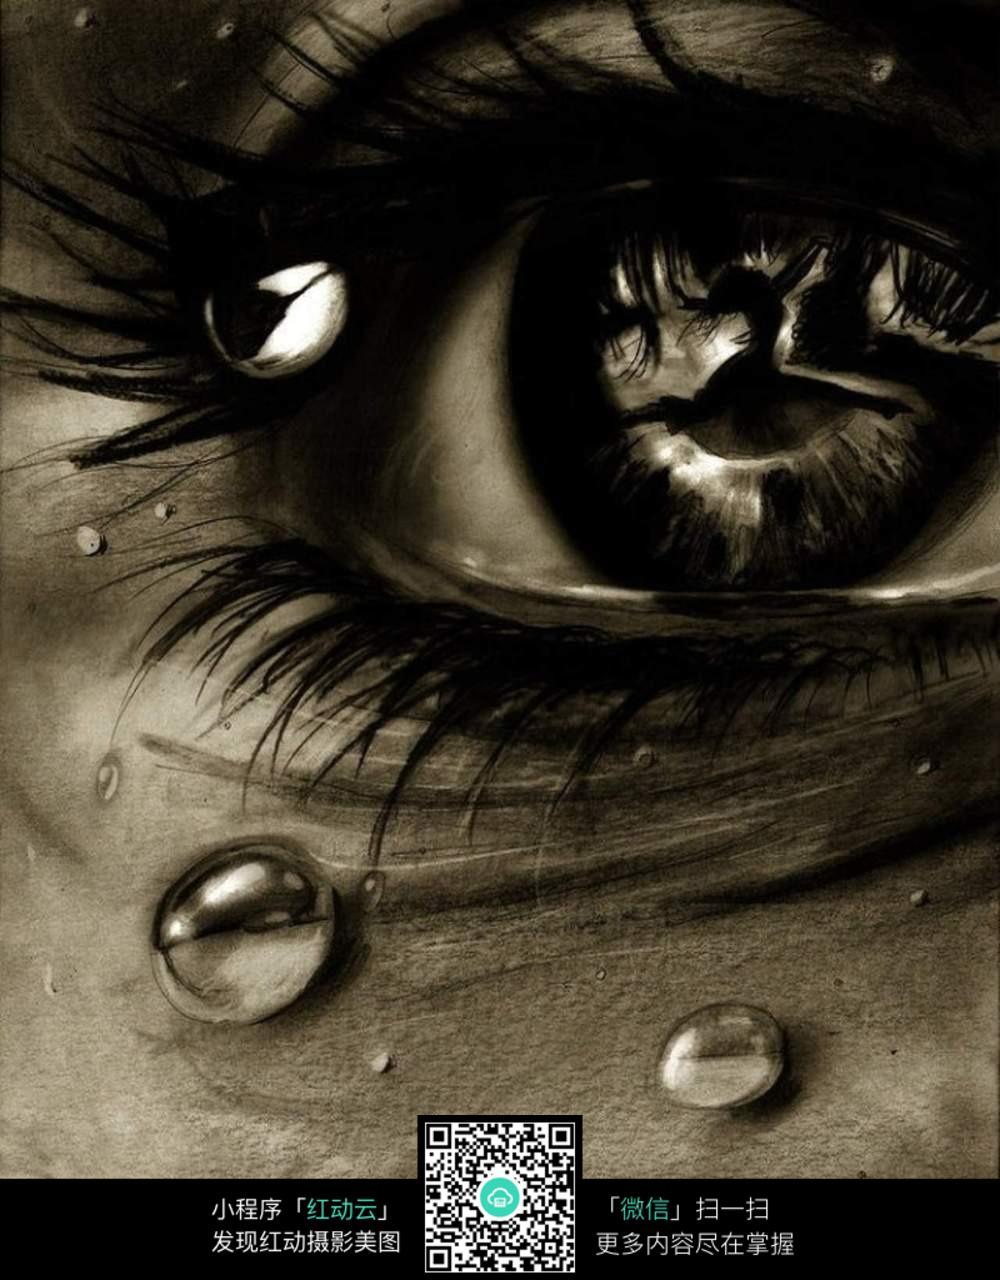 流泪眼睛特写素描图片